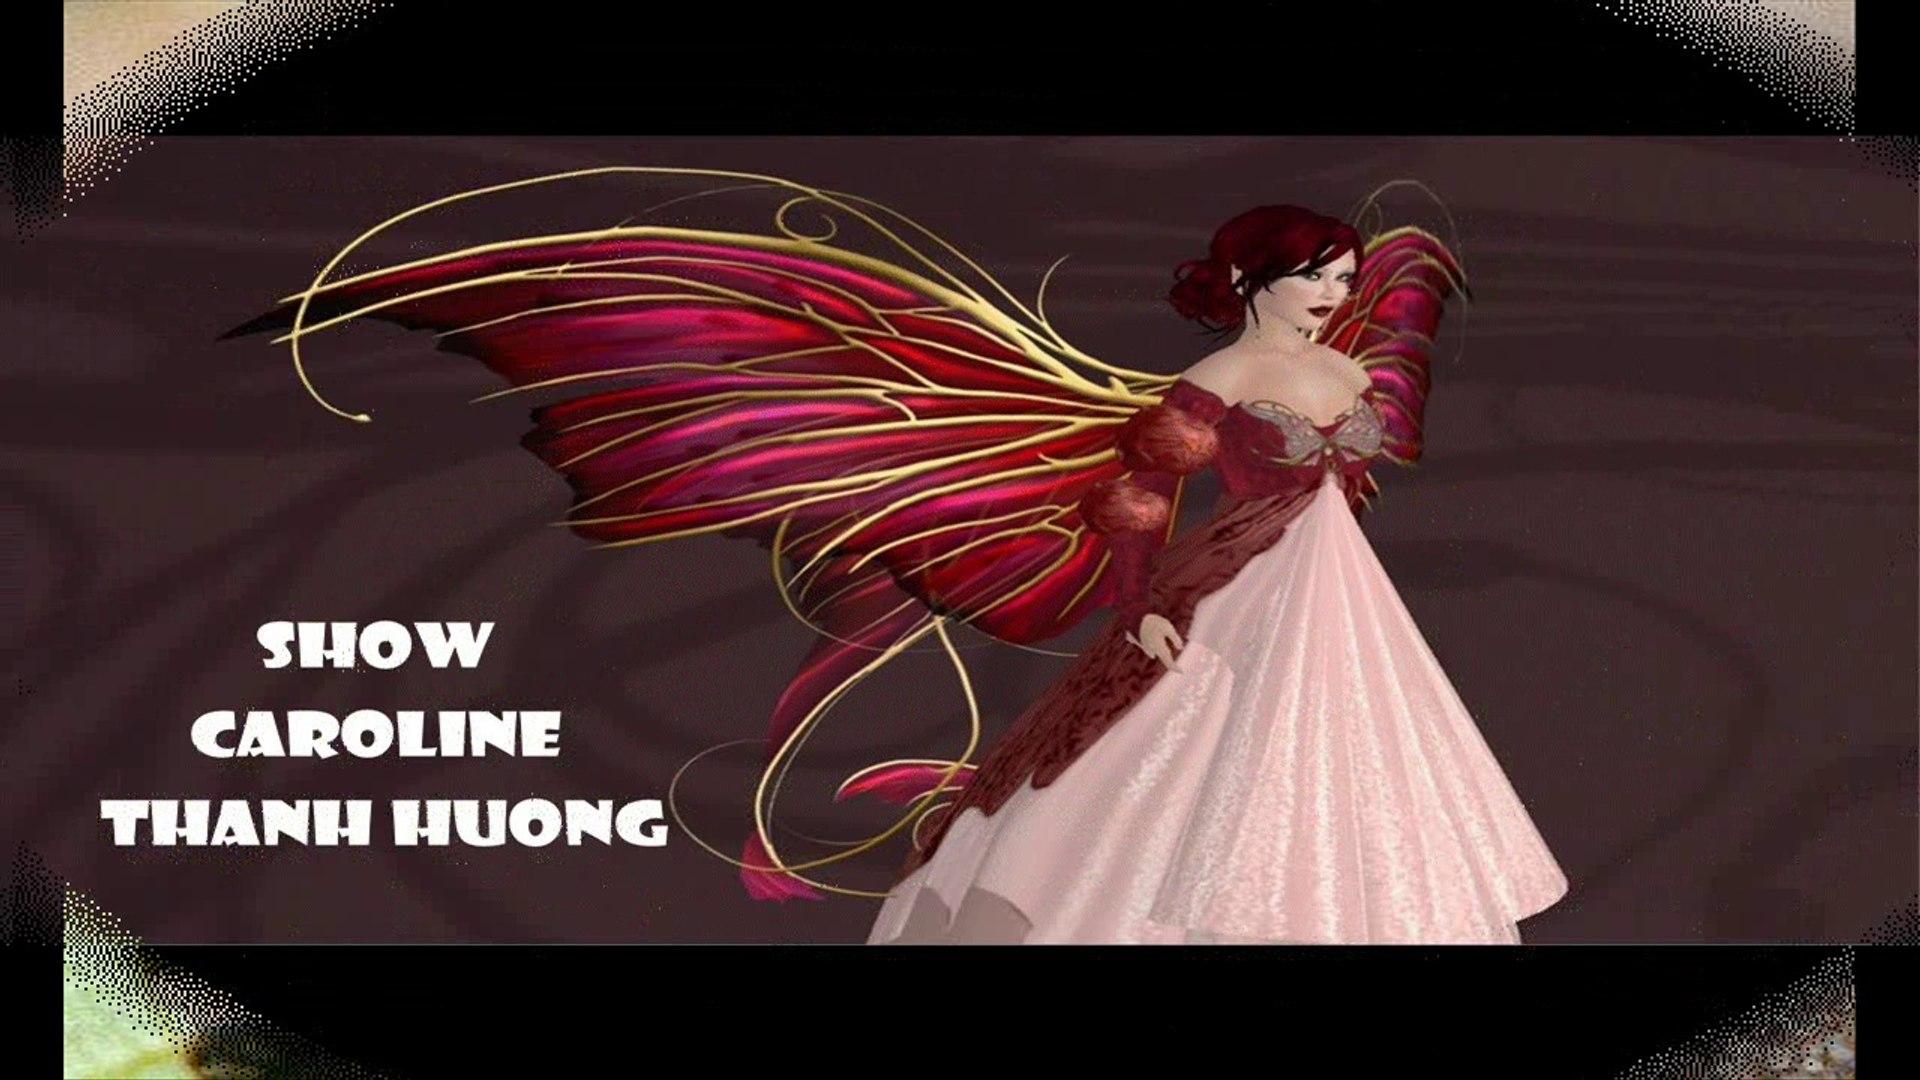 Nanh Trắng, thơ truyện, show Caroline Thanh Hương.